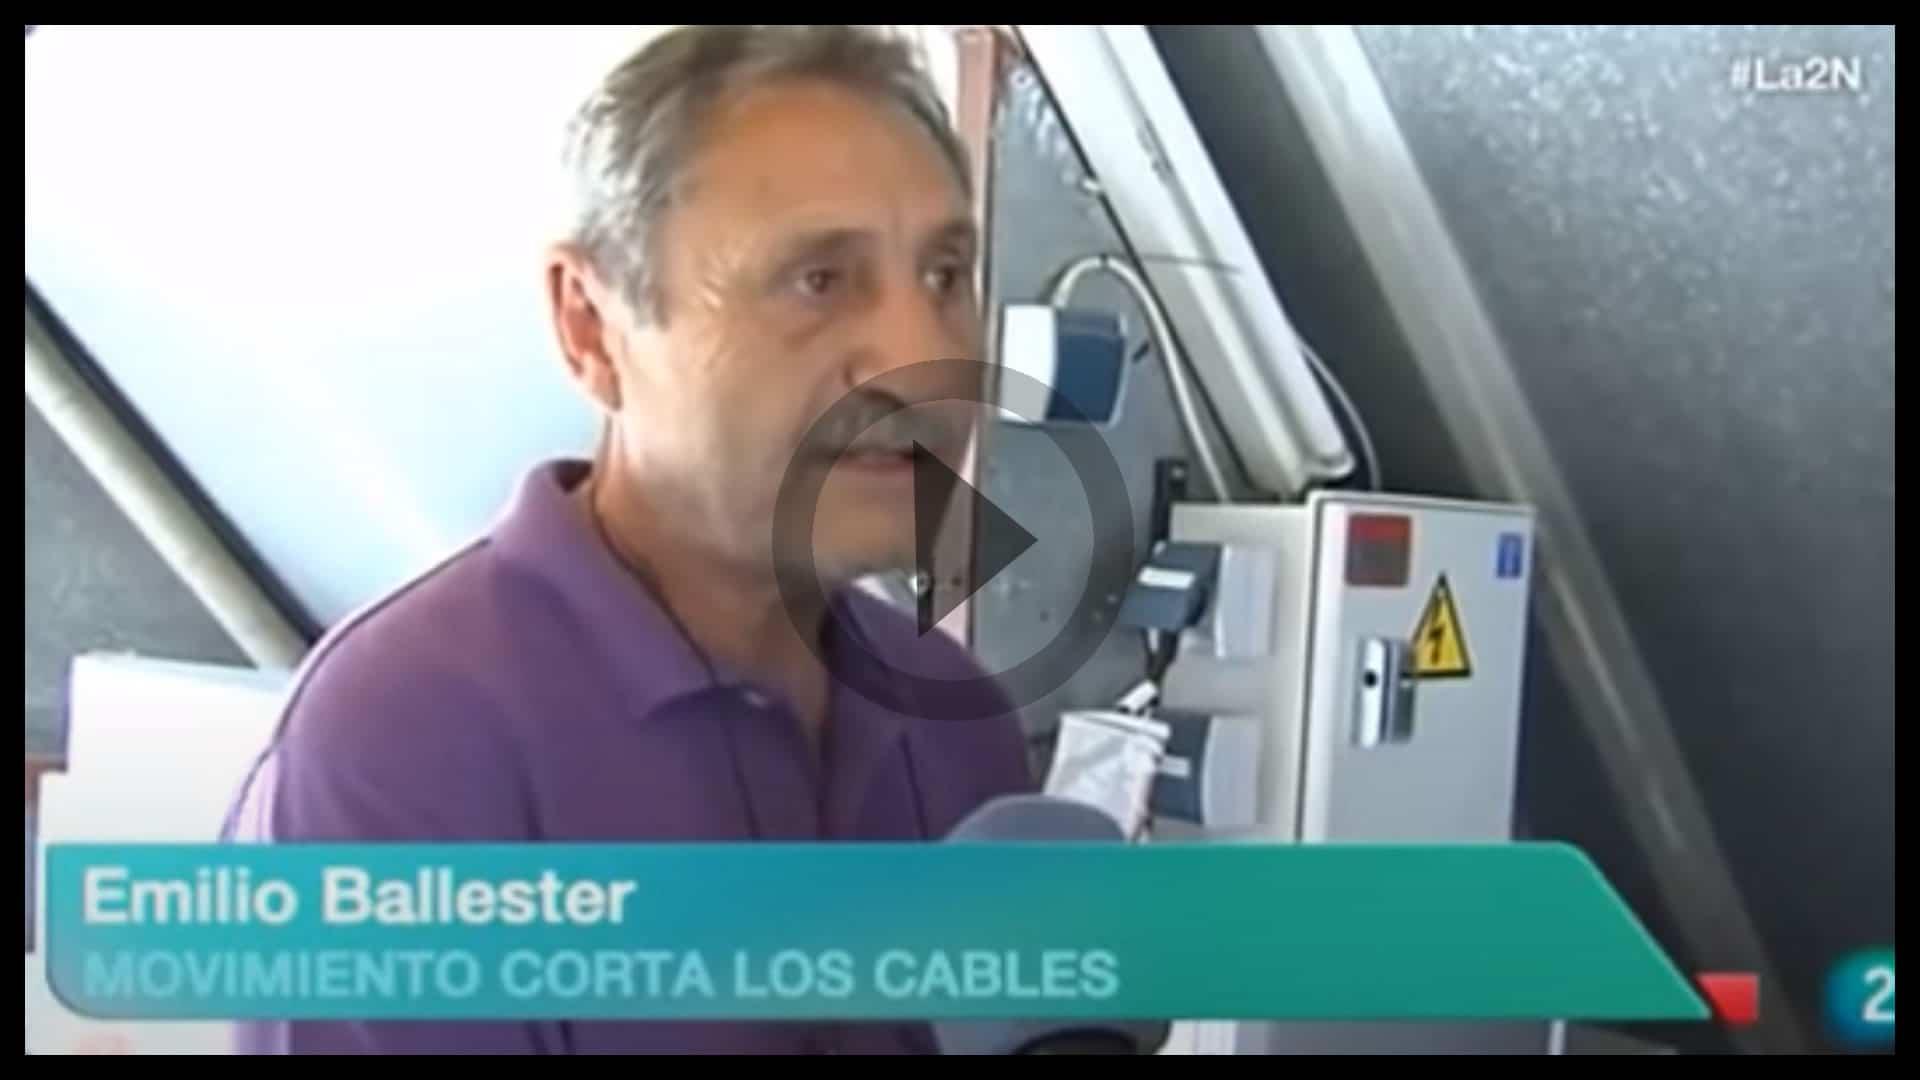 Emilio Ballester y Corta los Cables